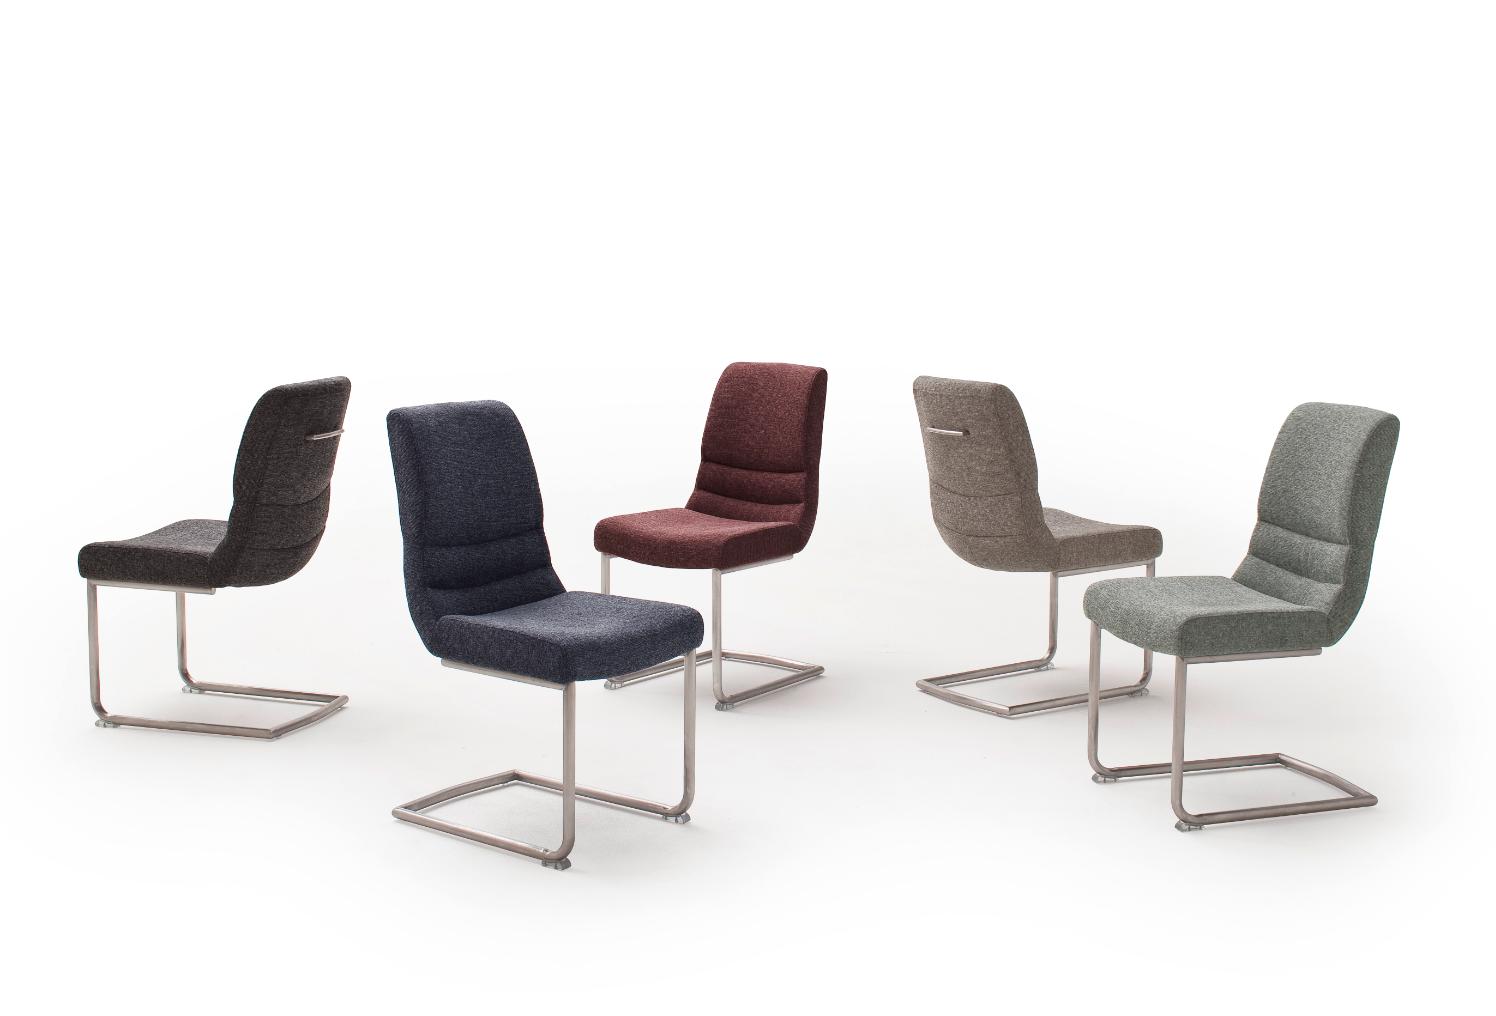 Esszimmer Stuhl System Montera von MCA furniture